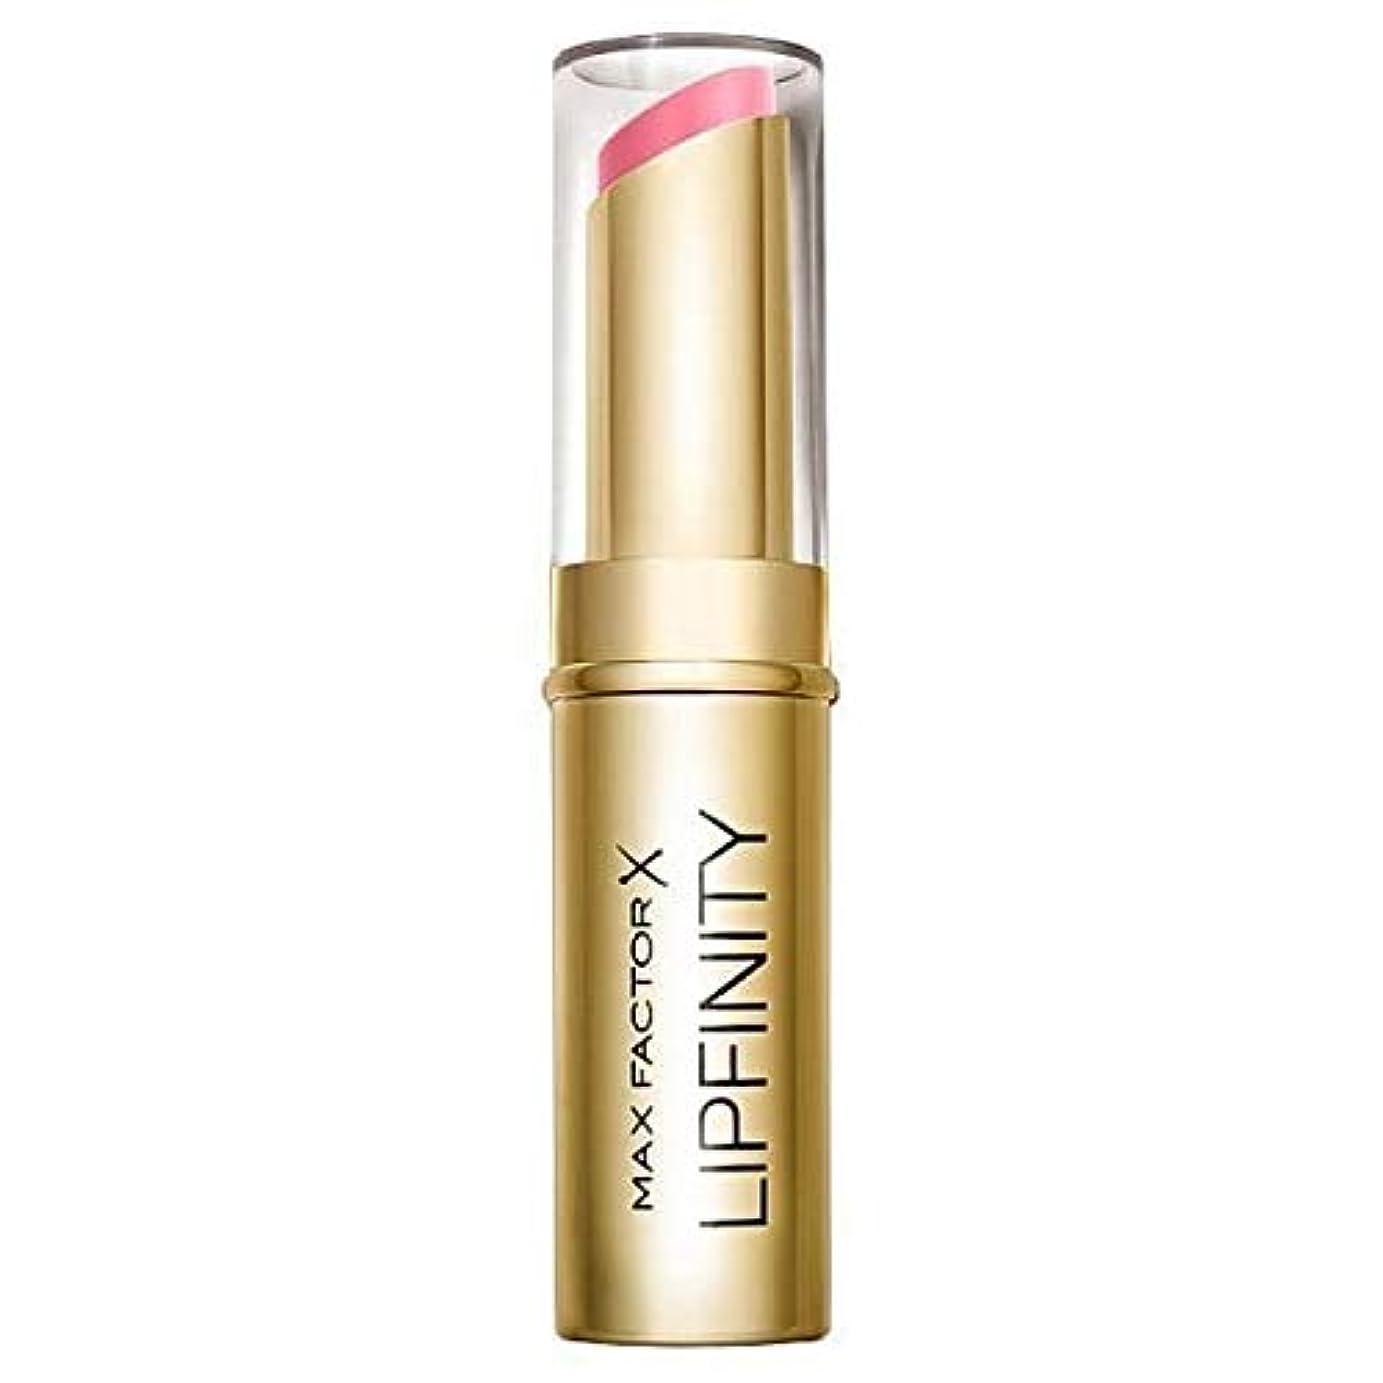 満了派手オークランド[Max Factor ] 長い口紅は永遠崇高持続マックスファクターLipfinity - Max Factor Lipfinity Long Lasting Lipstick Evermore Sublime [並行輸入品]